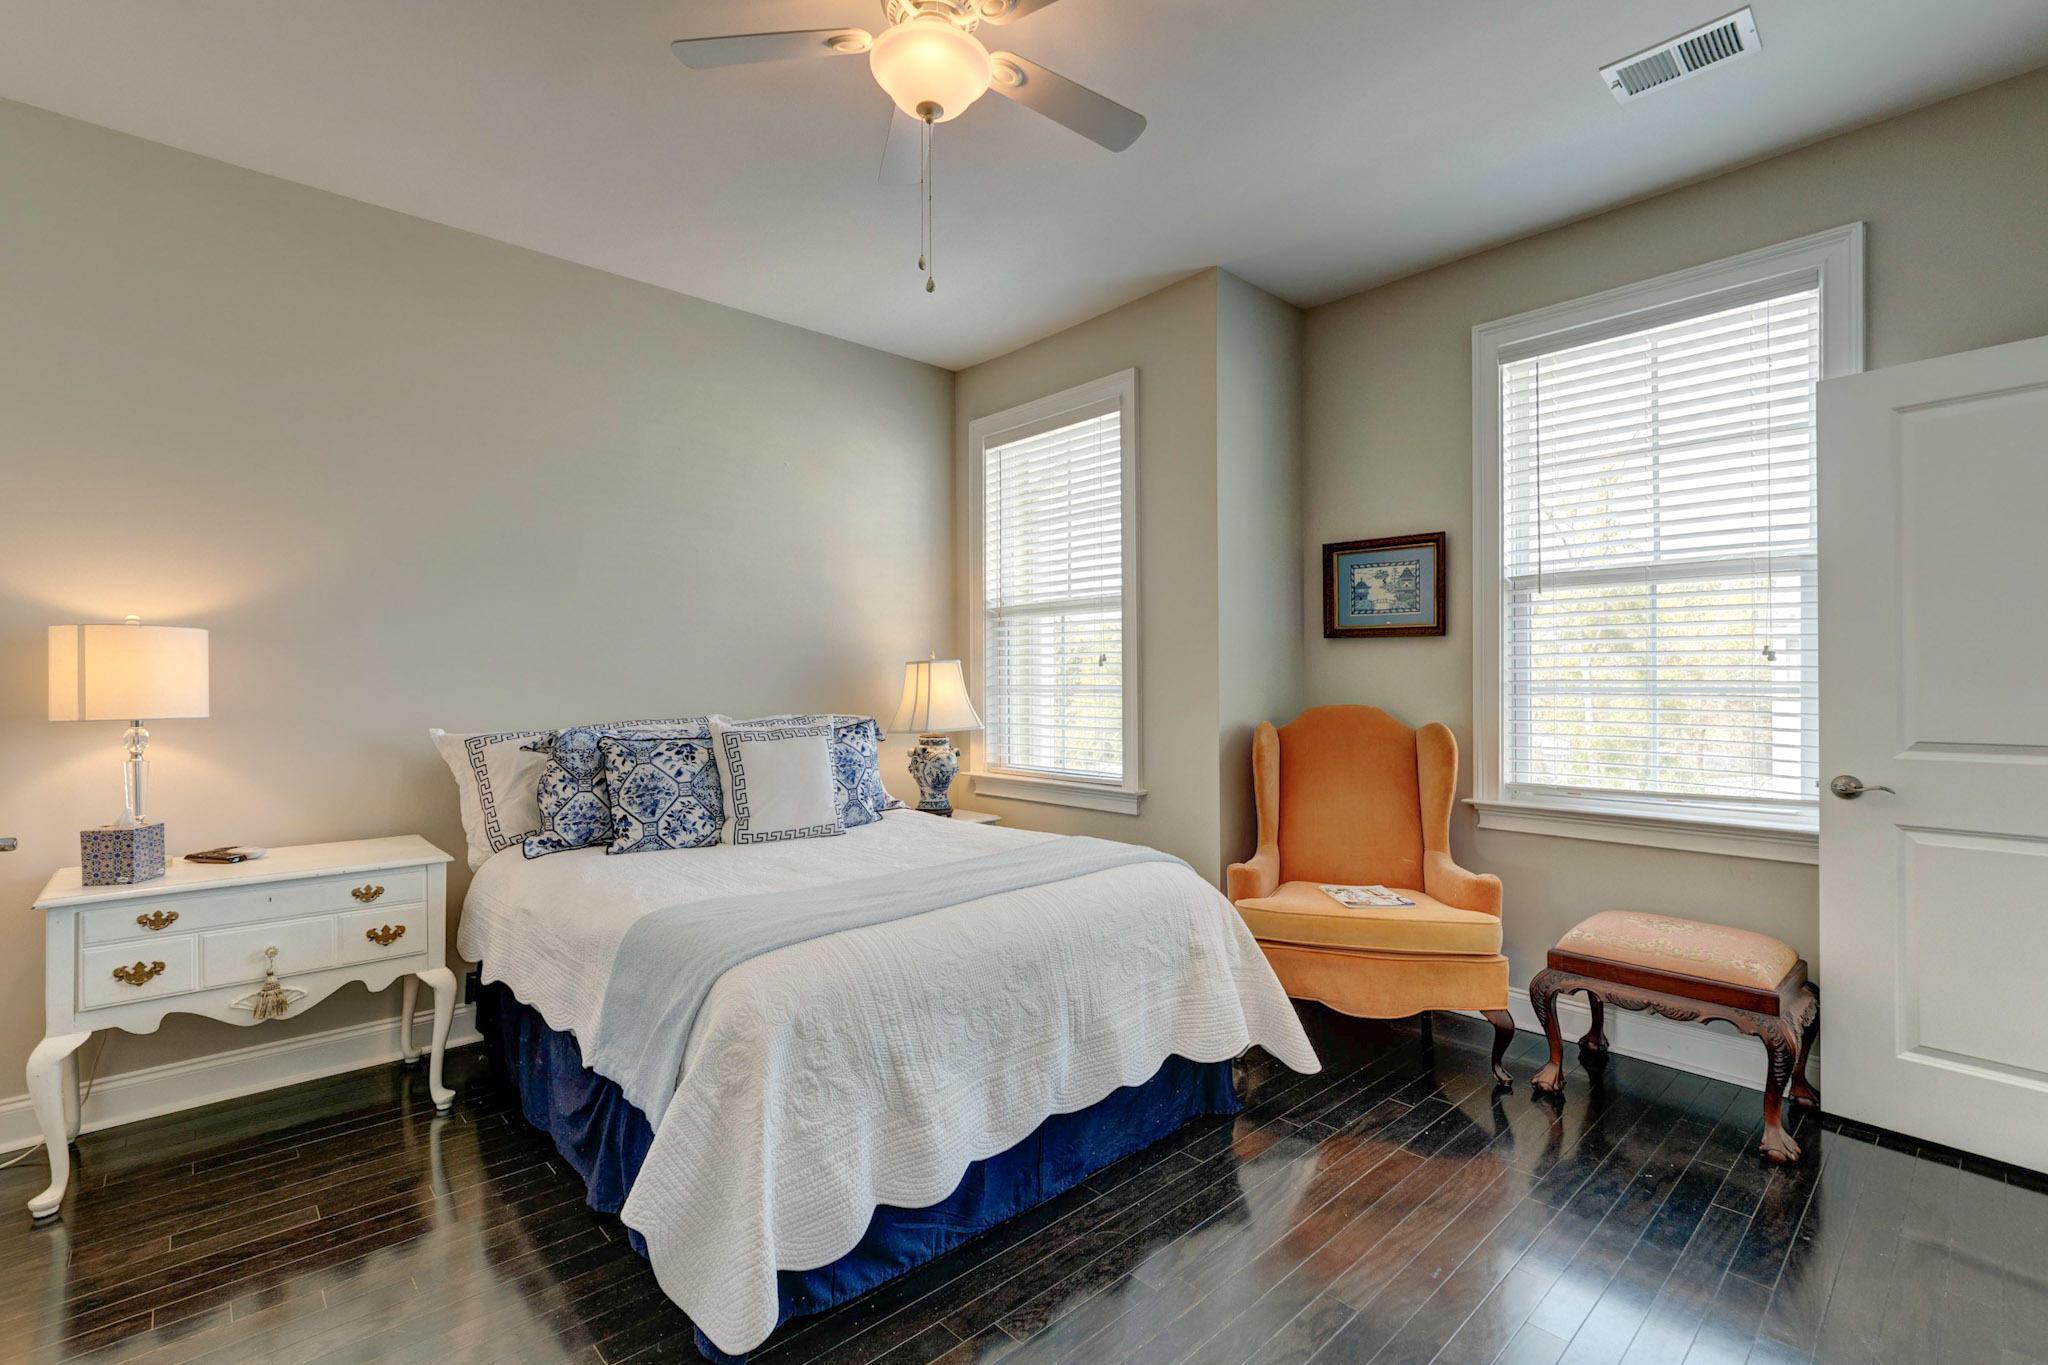 Bowman Park Homes For Sale - 1017 Bowman Woods, Mount Pleasant, SC - 17